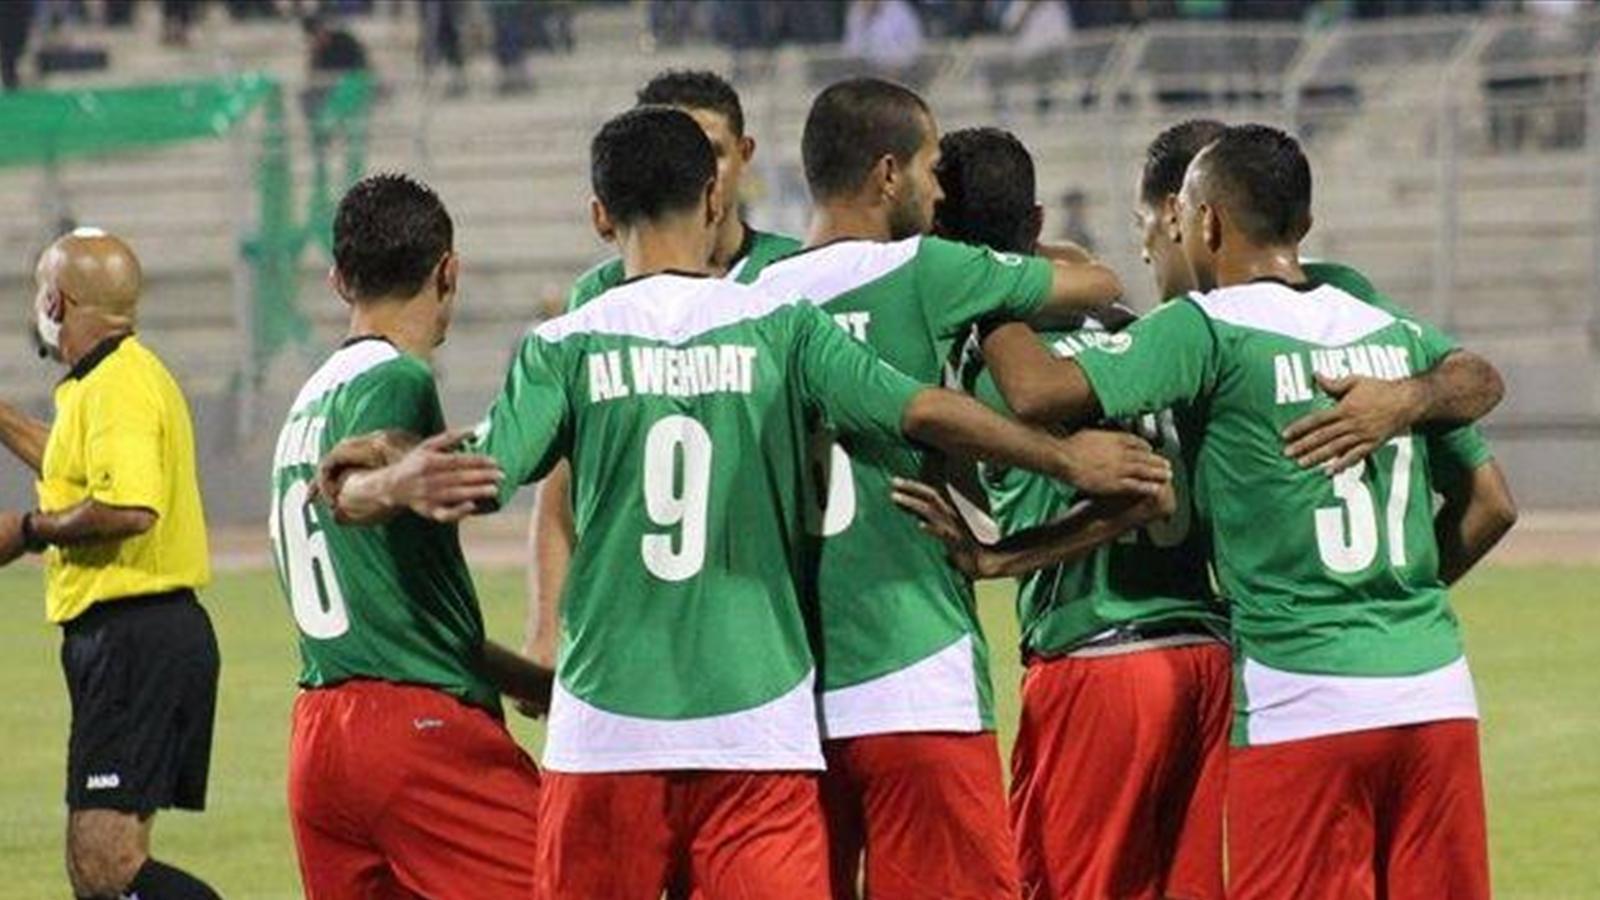 صور الوحداد الاردنى 15 صور الوحدادت الرياضي المغربي معلومات عن الوحداد الاردني